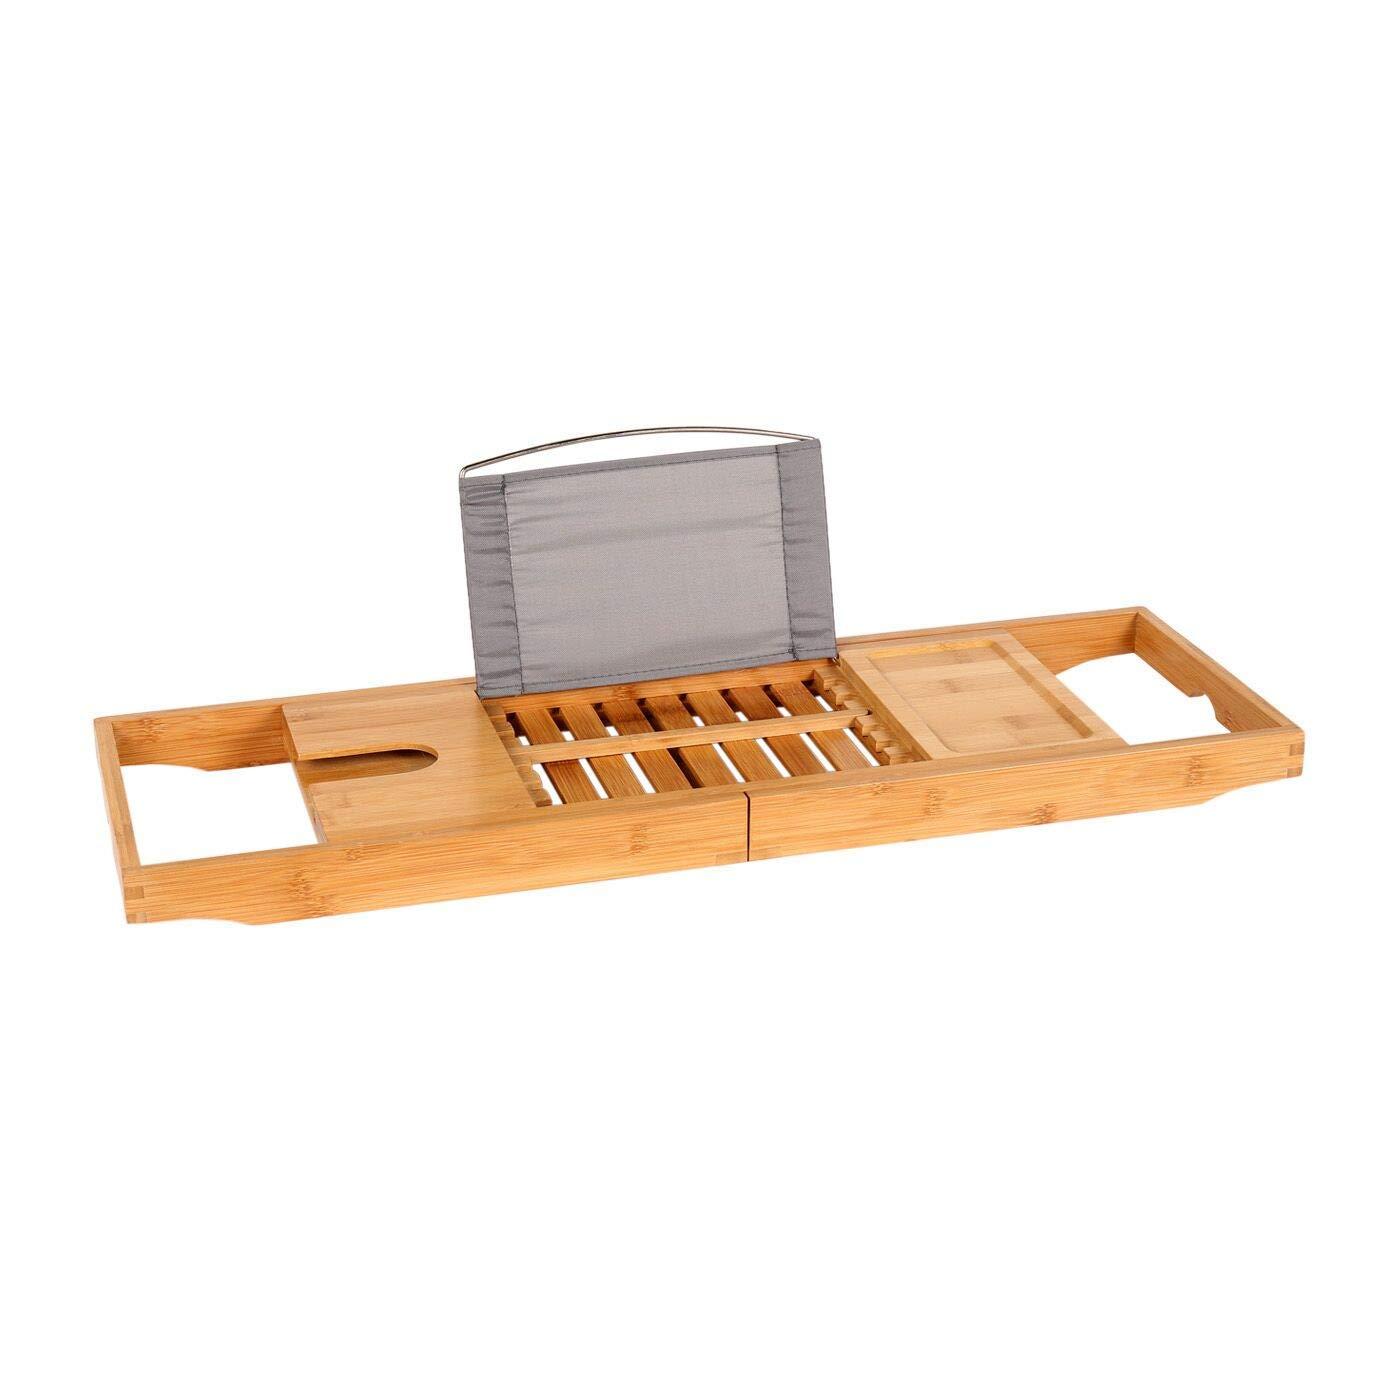 YAALO Bathtub Caddy Tray, Bathtub Stand Adjustable Bath Tray for Any Size Bath Tub Integrated Tablet, Bathtub Bridge Smartphone, Wine, Book Holders-A